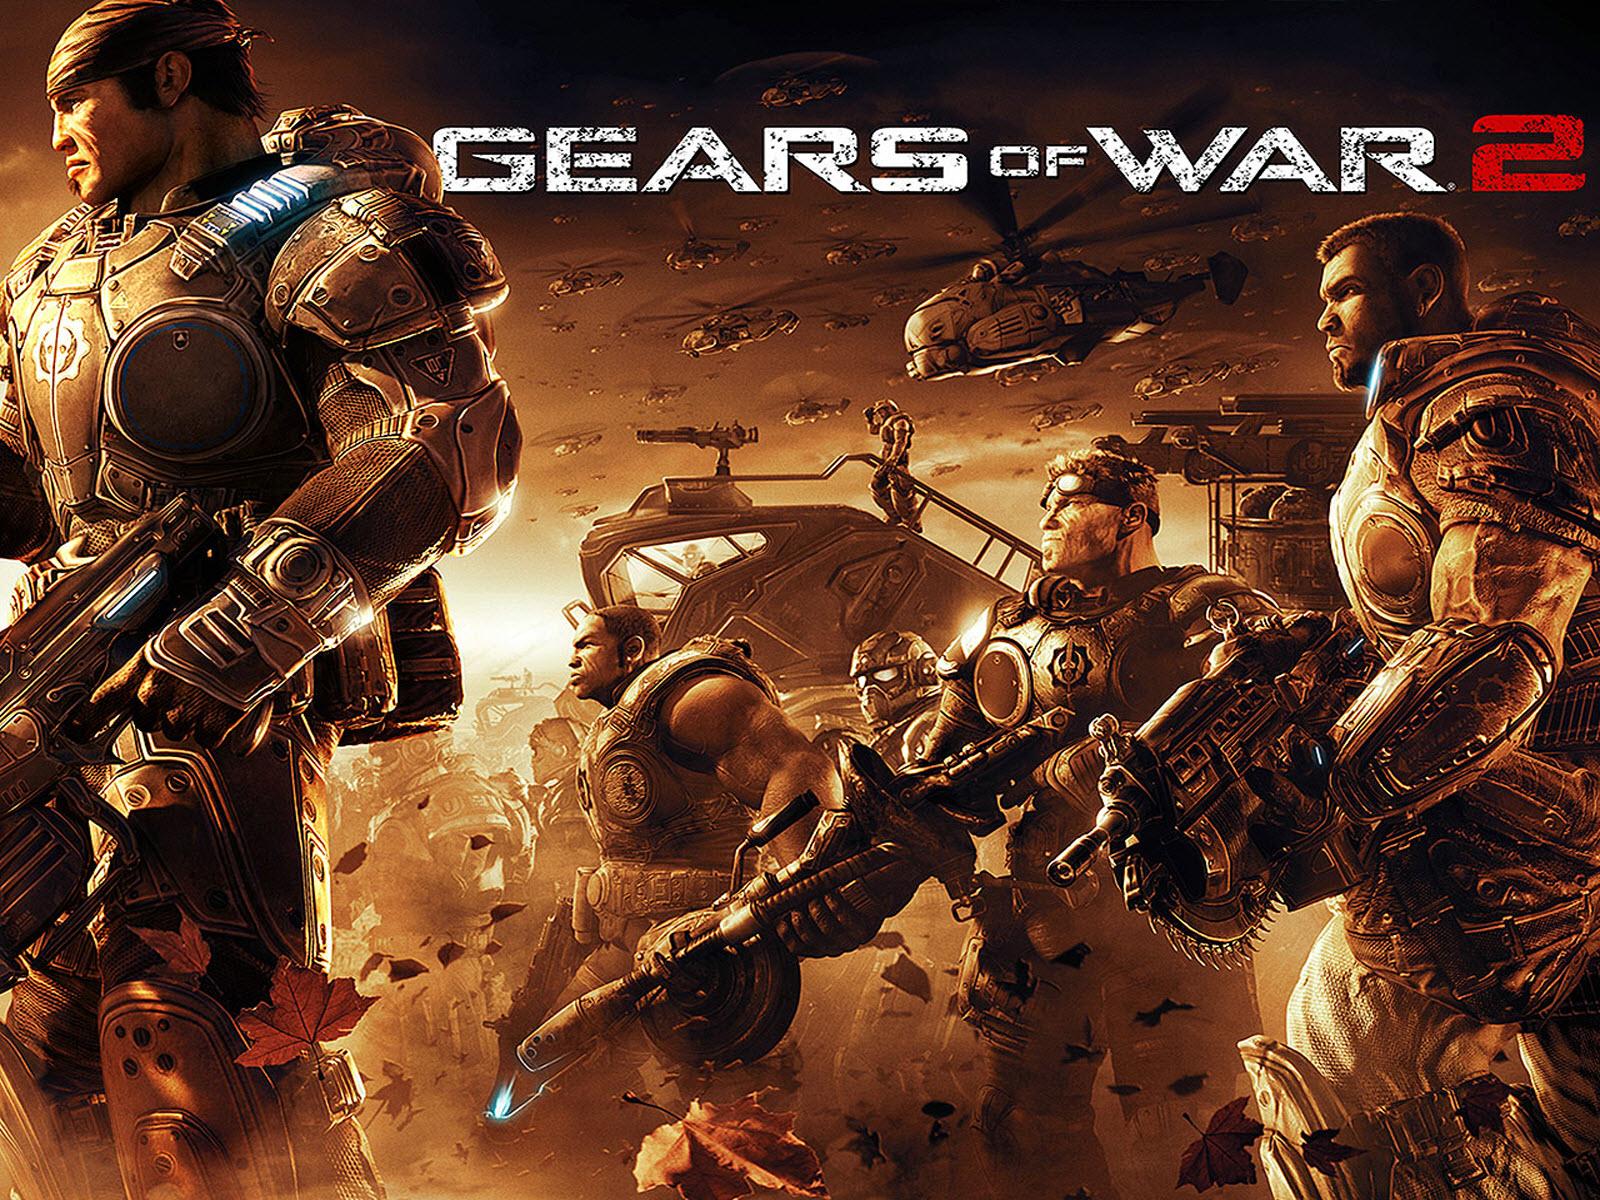 Gears of War 2 Wallpapers | HD Wallpapers